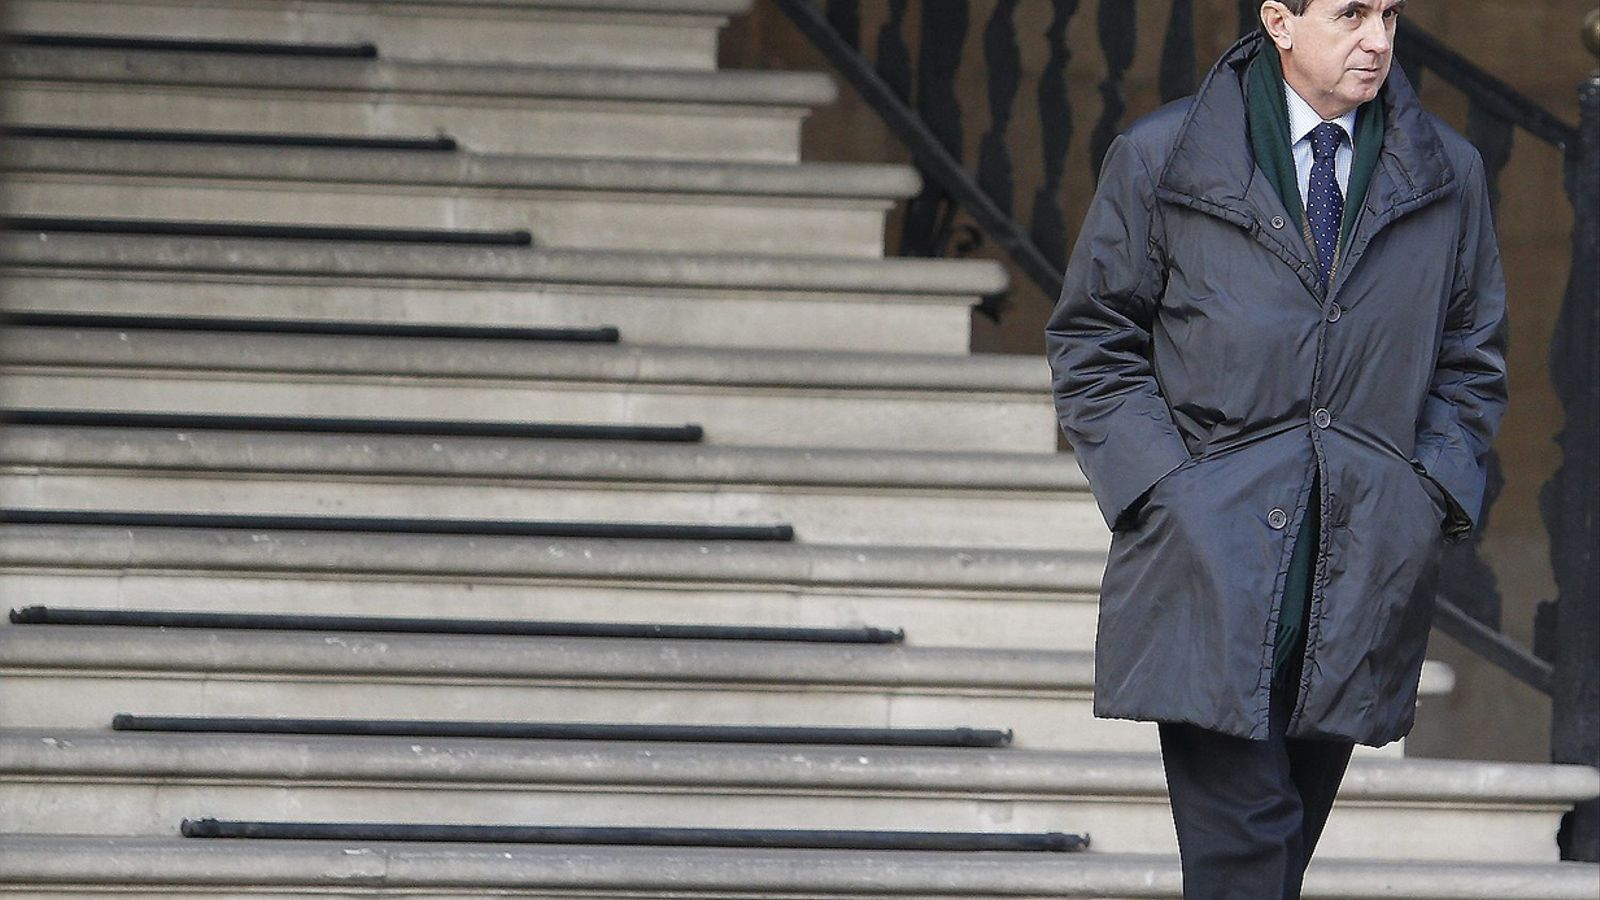 NÓOS, EL CAS MÉS GREU PER A MATAS... PER ARA   Amb el cas Nóos, Jaume Matas, que ja té dues condemnes a penes de 9 mesos i multa, s'enfronta al cas més greu. L'acusació contra ell és d'onze anys de presó i haurà de donar comptes de per què es pagaren més de 2,5 milions d'euros públics a l'institut d'Urdangarin.